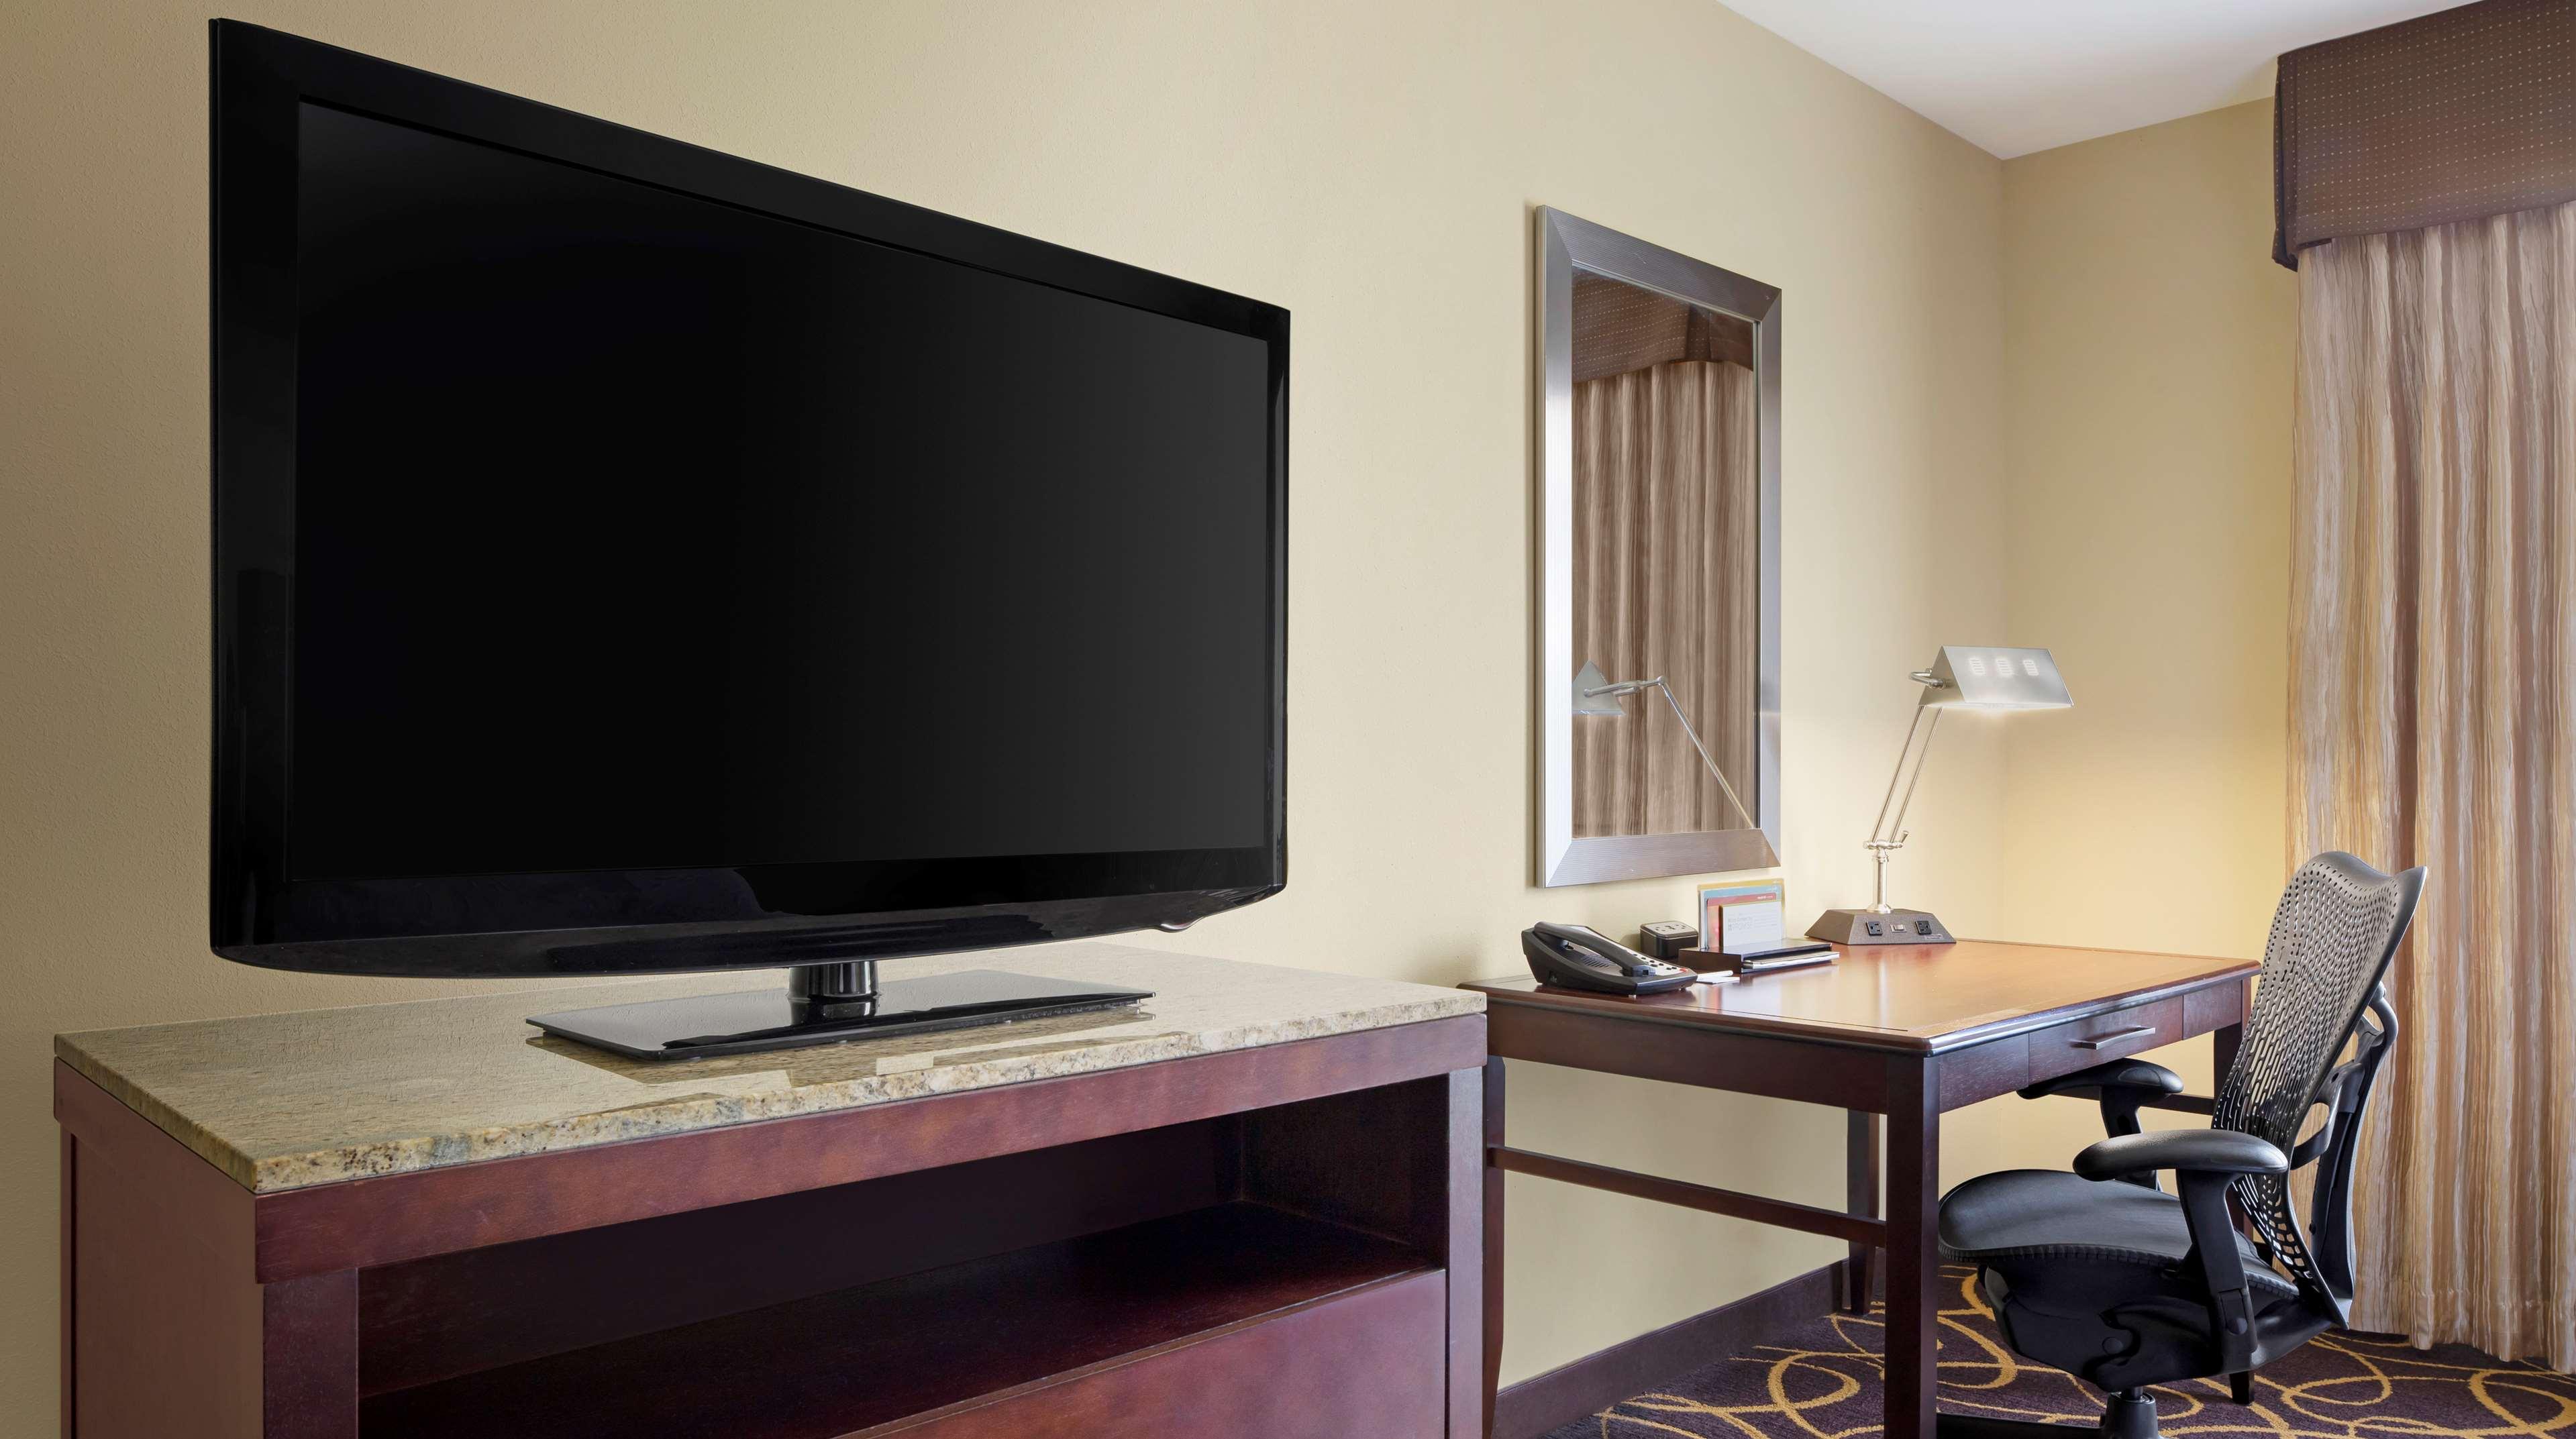 Hilton Garden Inn Shreveport Bossier City image 11